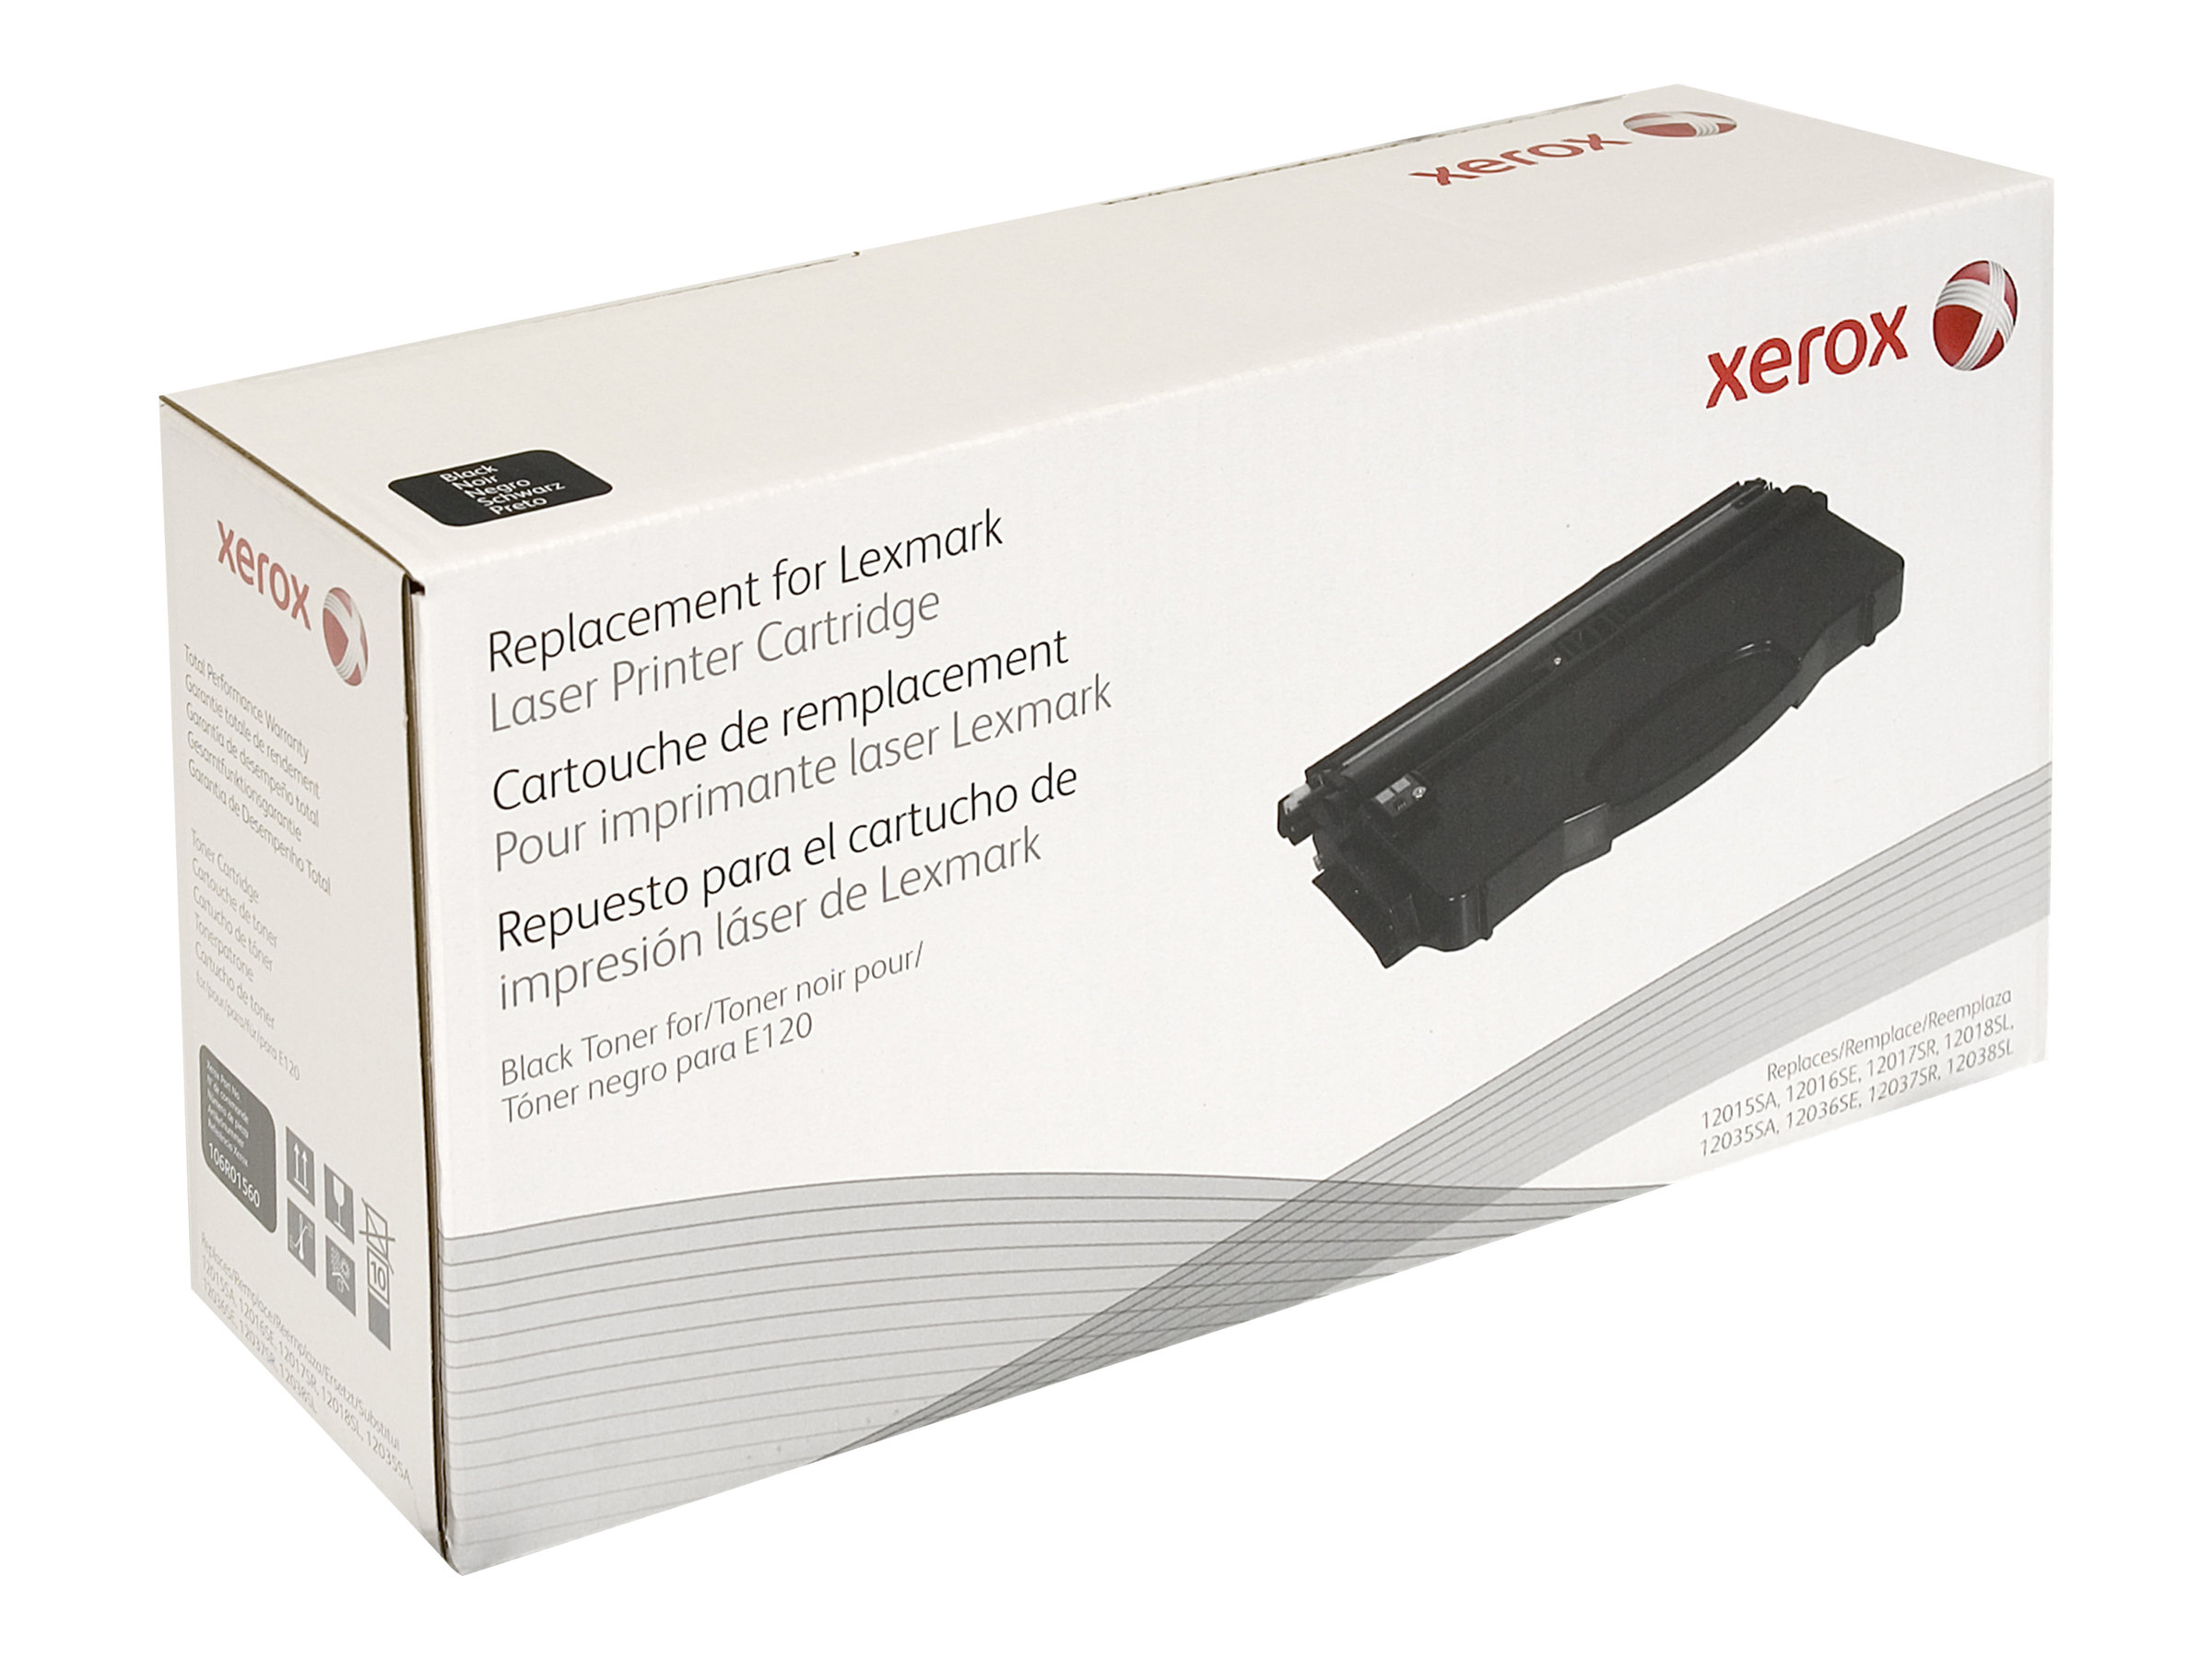 Xerox - noir - cartouche de toner (équivalent à : Lexmark 12016SE, Lexmark 12036SE)